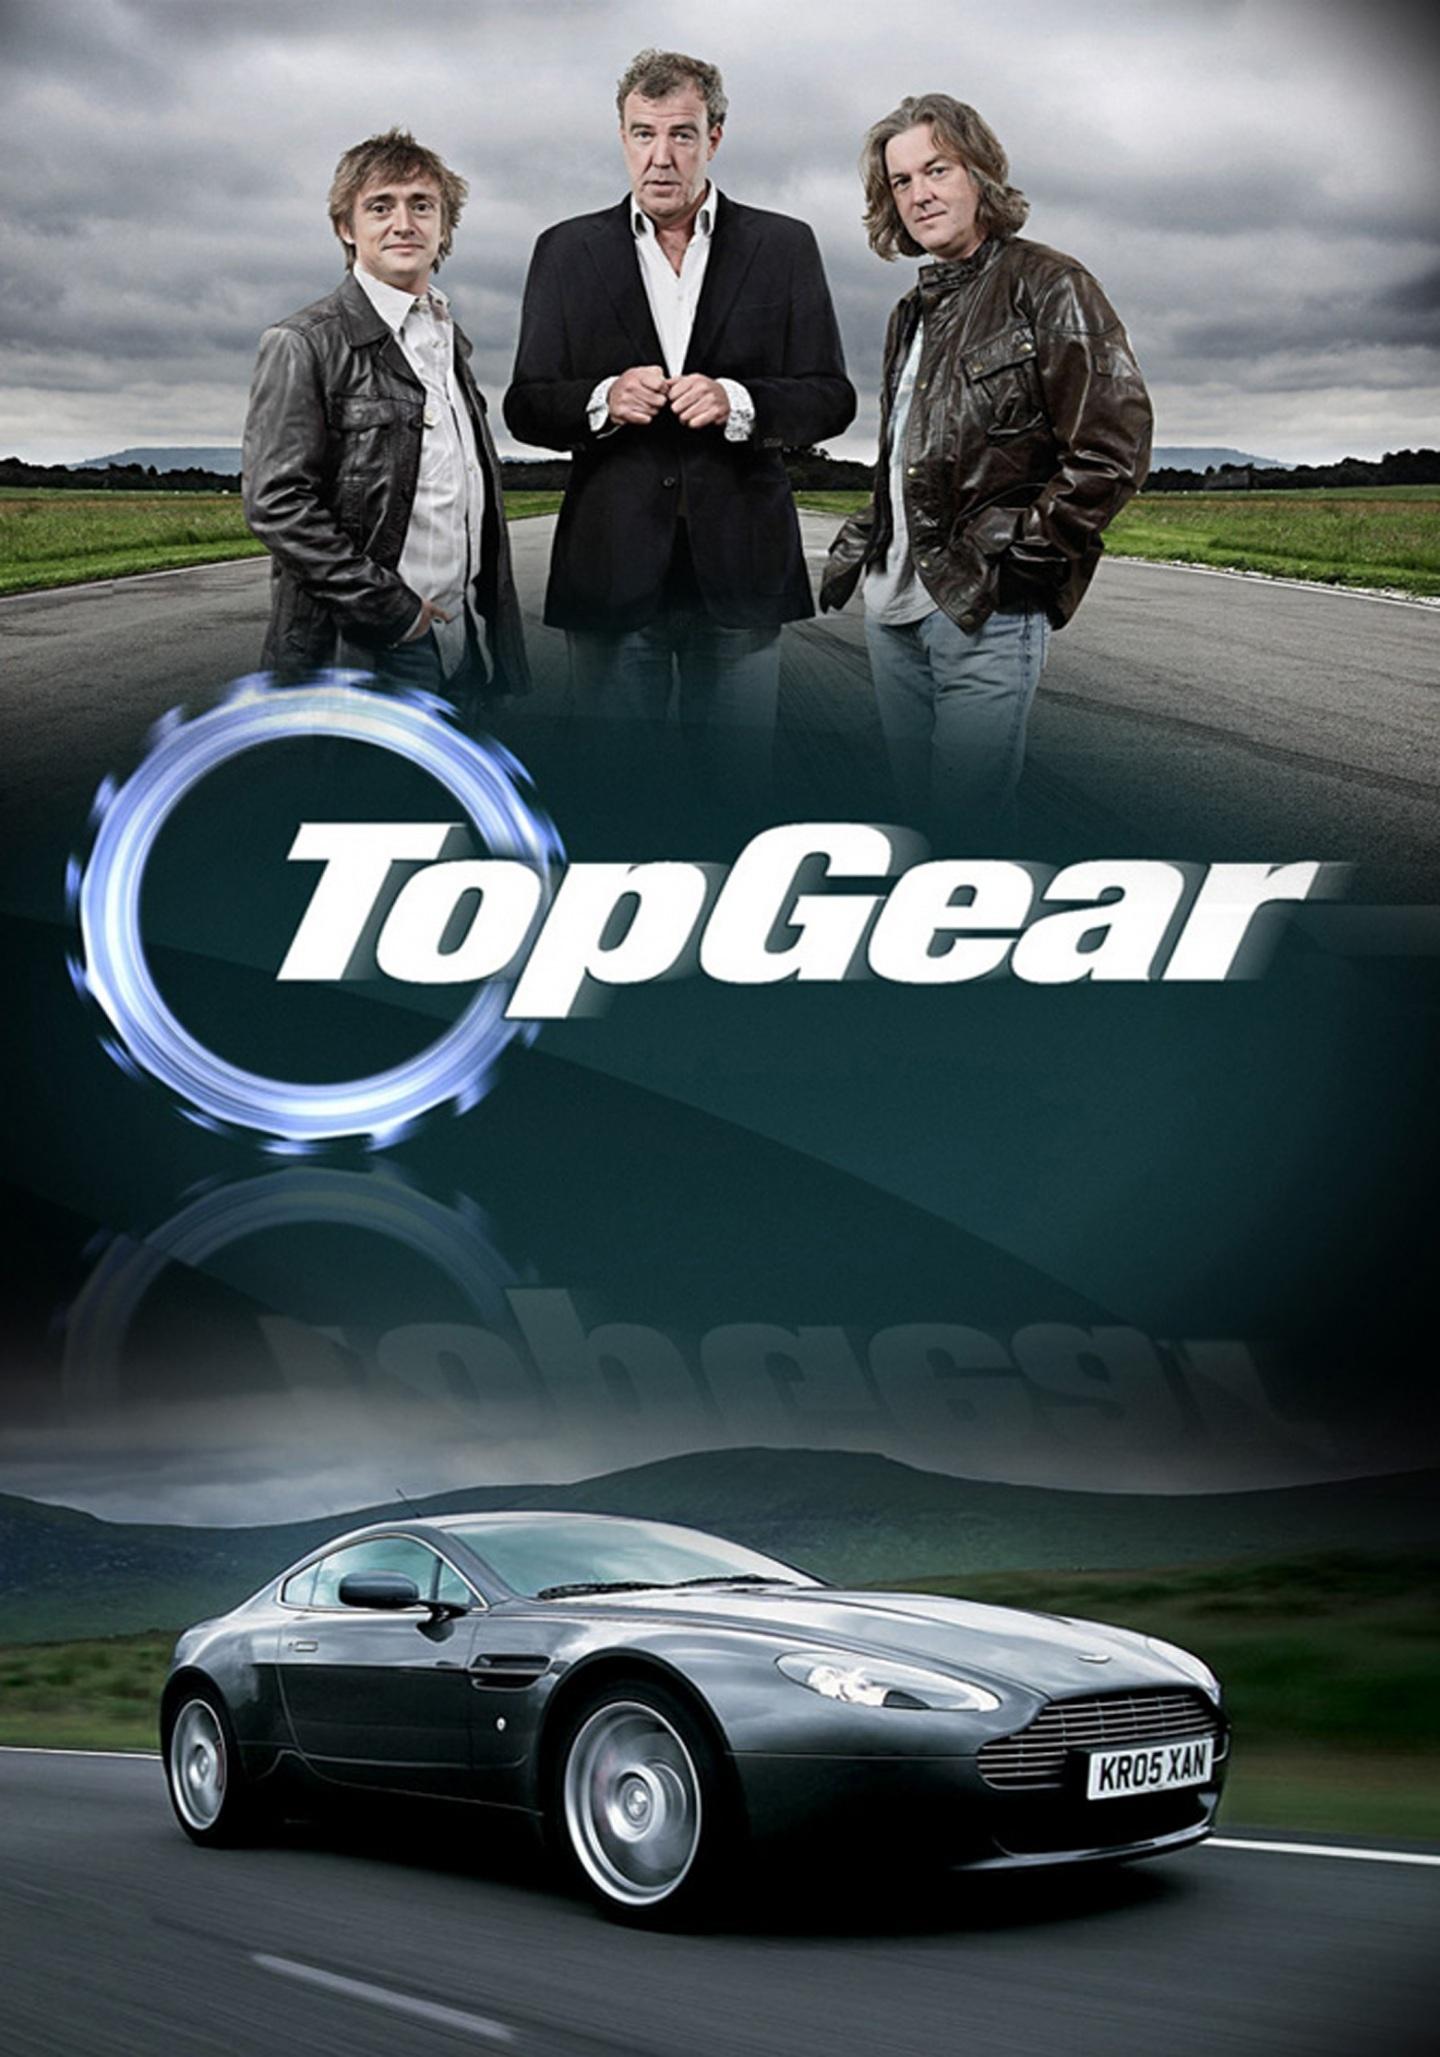 Top Gear Season 25 HDTV 480p, 720p & 1080p